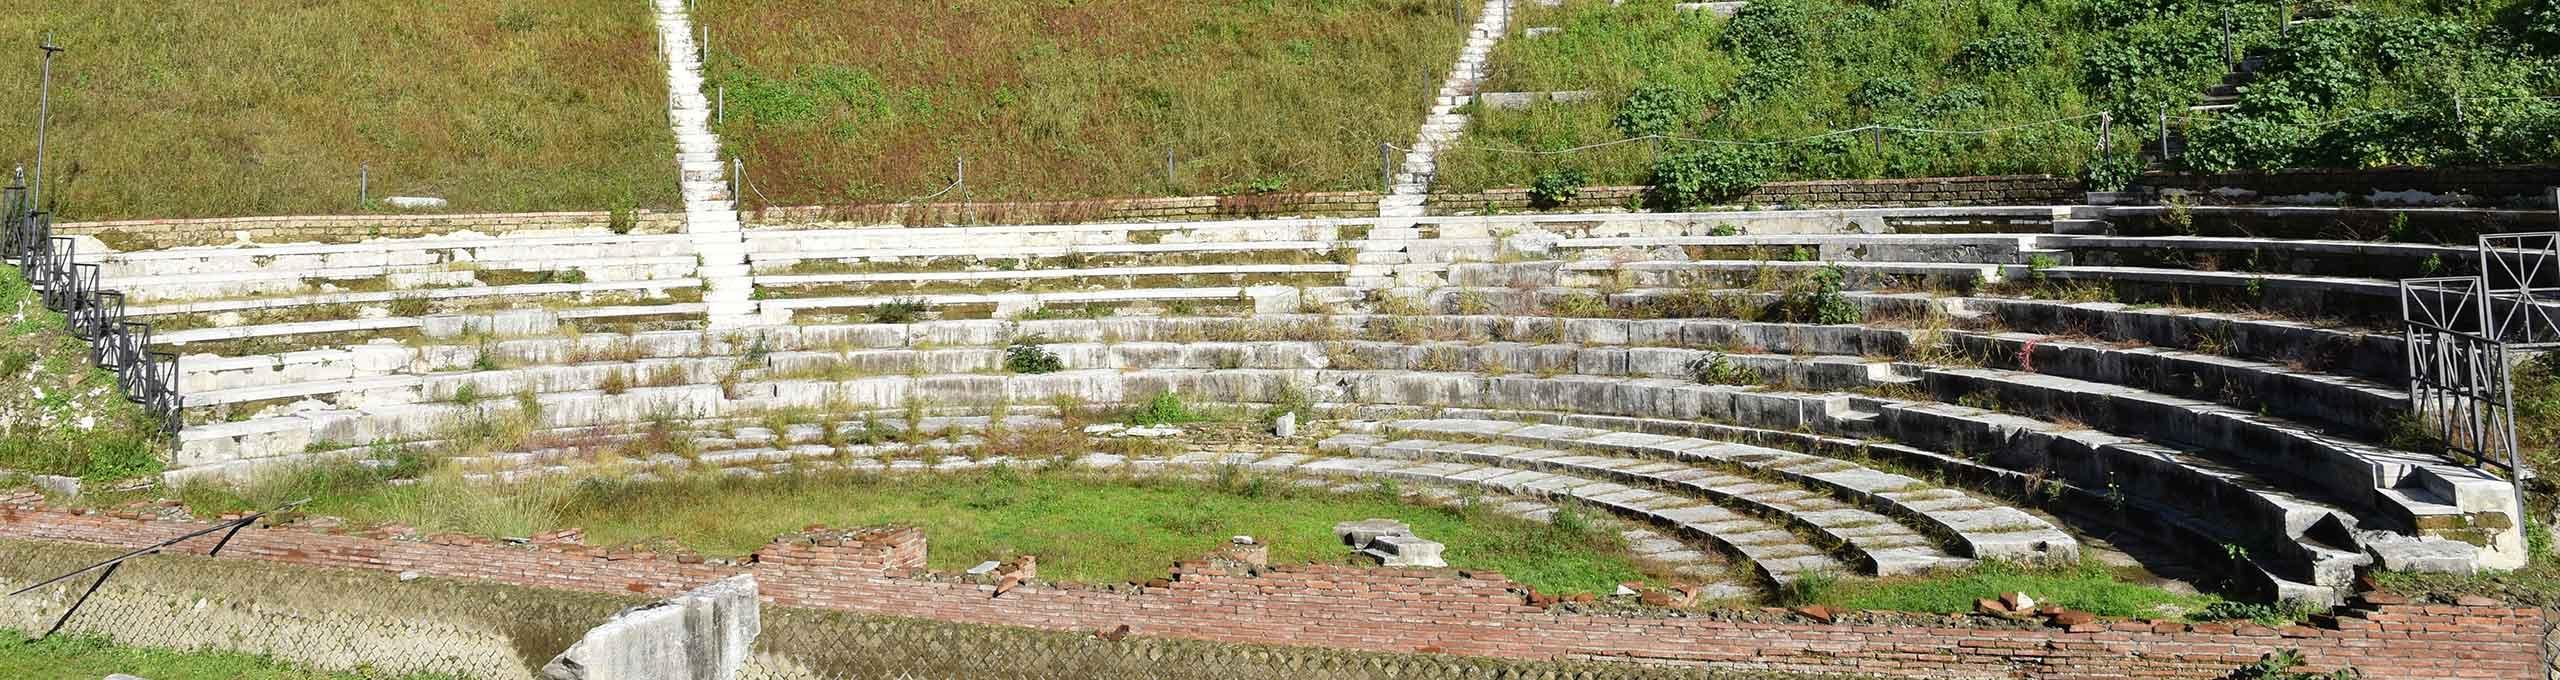 Sessa Aurunca, Campania, anfiteatro romano